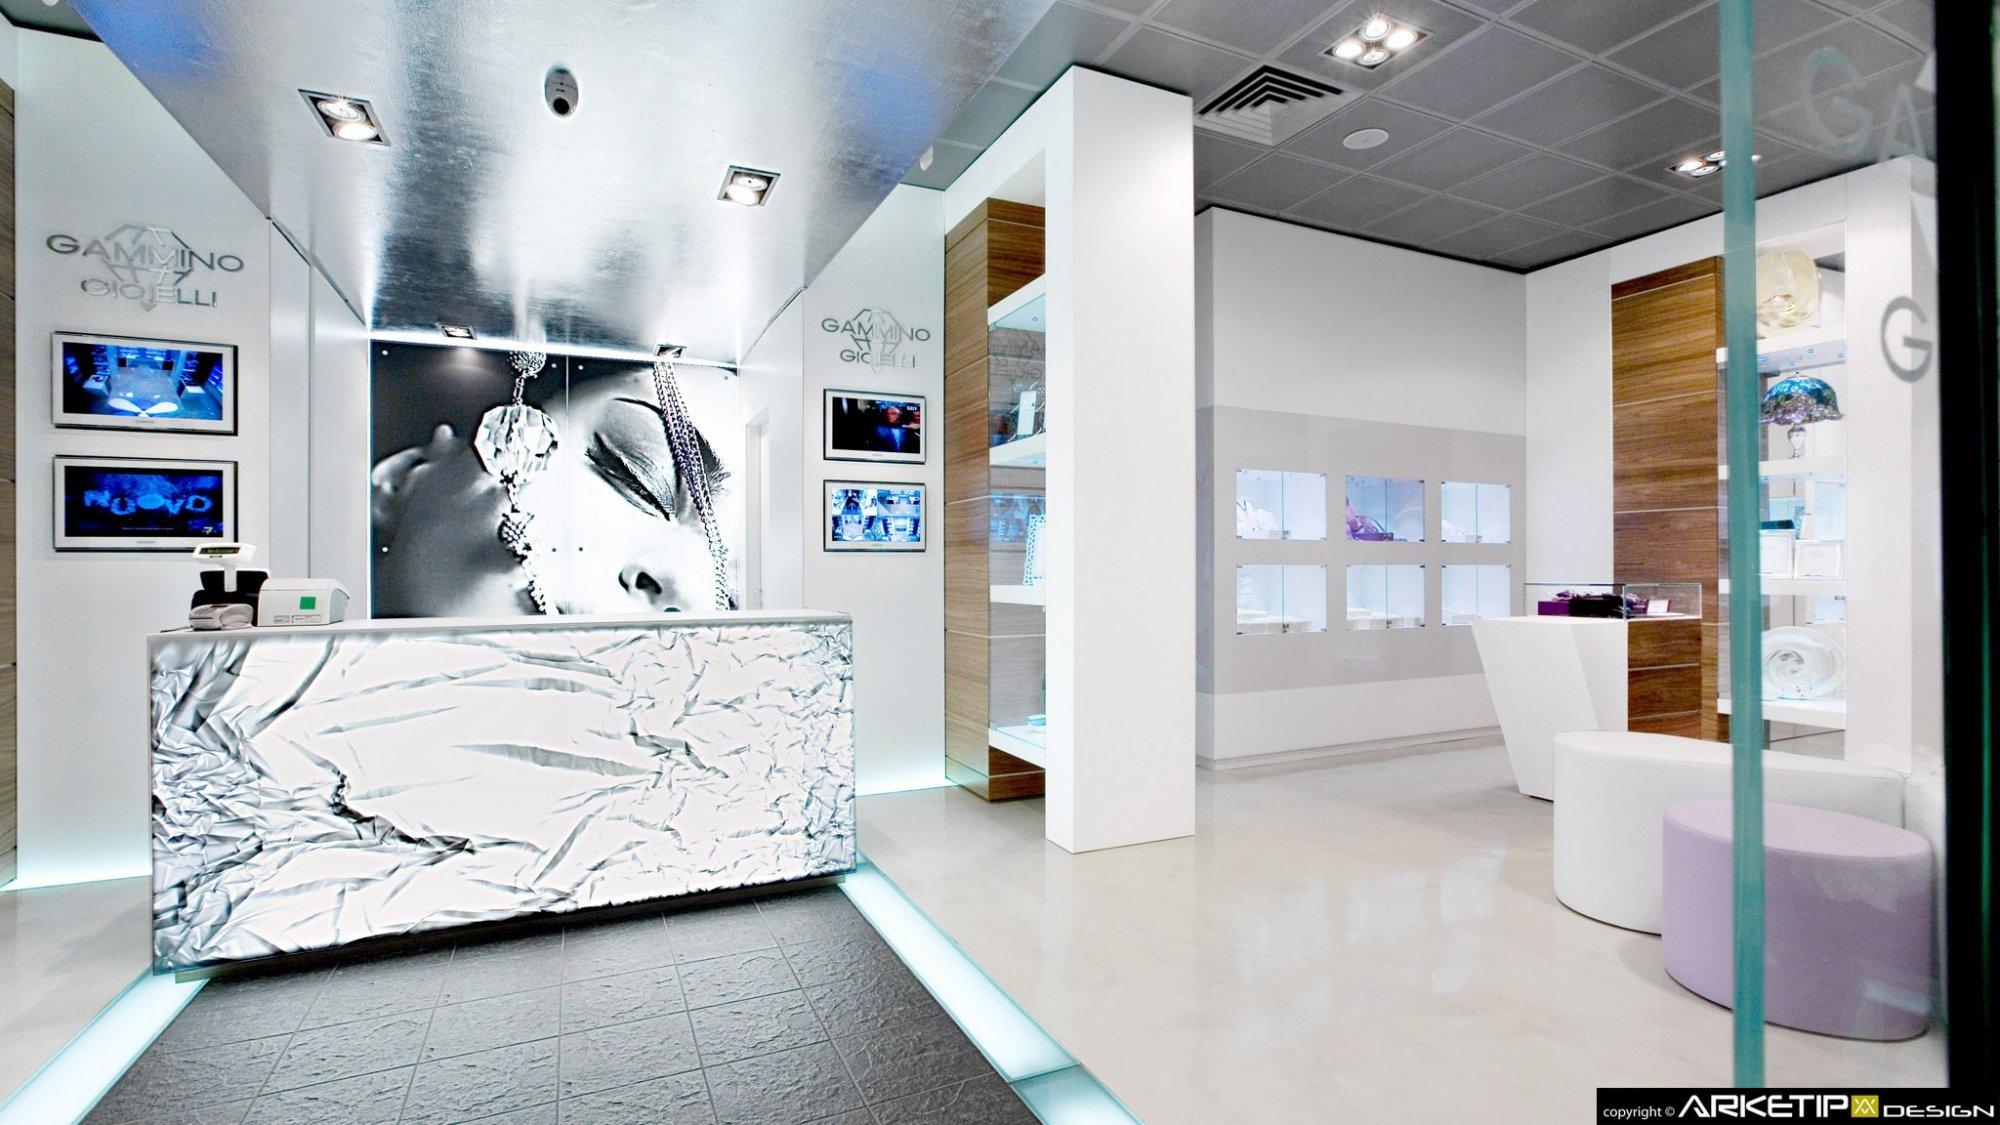 Arredamento gioielleria gammino gioielli milano for Design gioielli milano